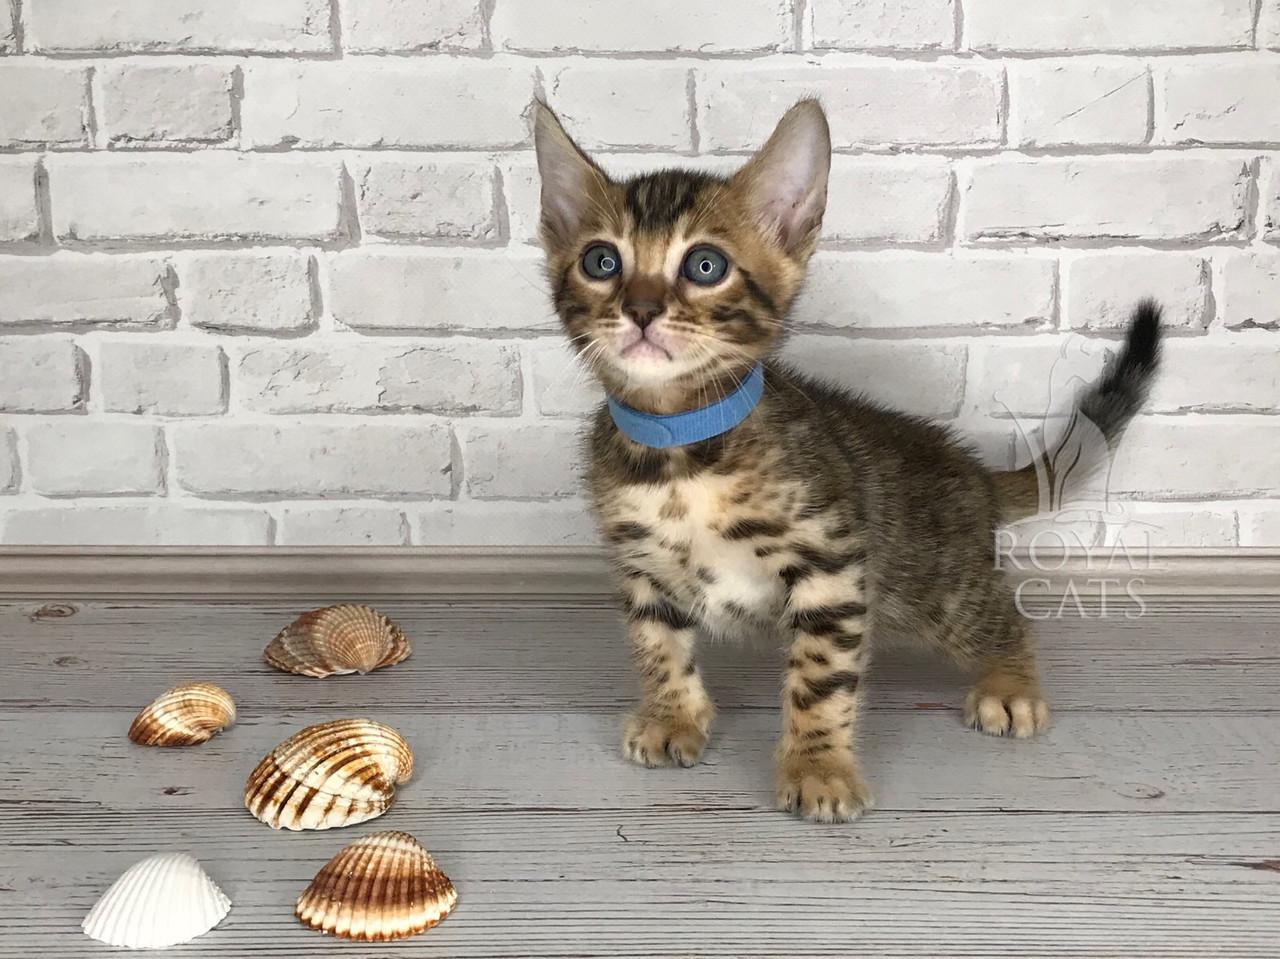 Мальчик 17.06.18. (Синий) Бенгальский котёнок питомника Royal Cats.